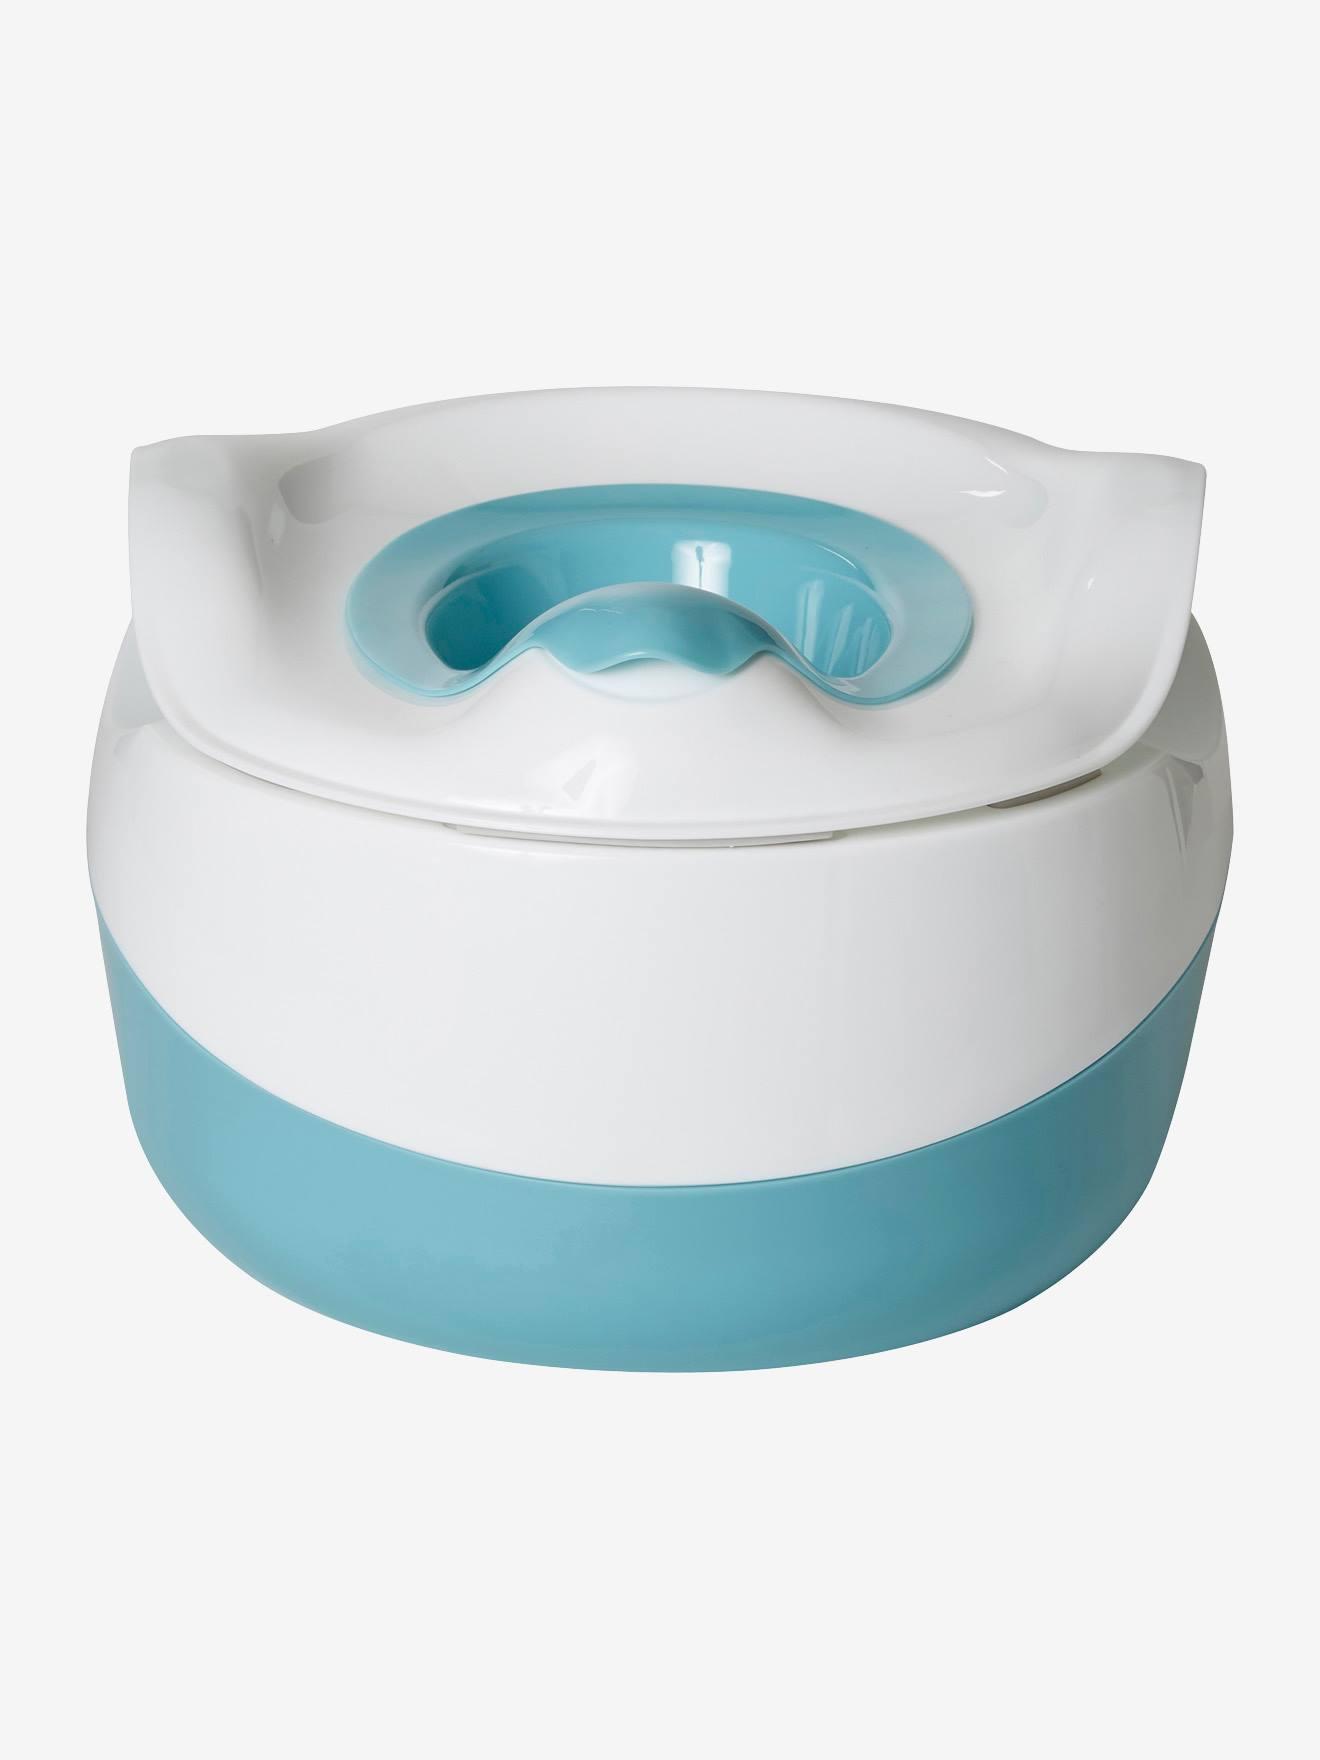 Pot d'hygiène 3 en 1 bleu/blanc